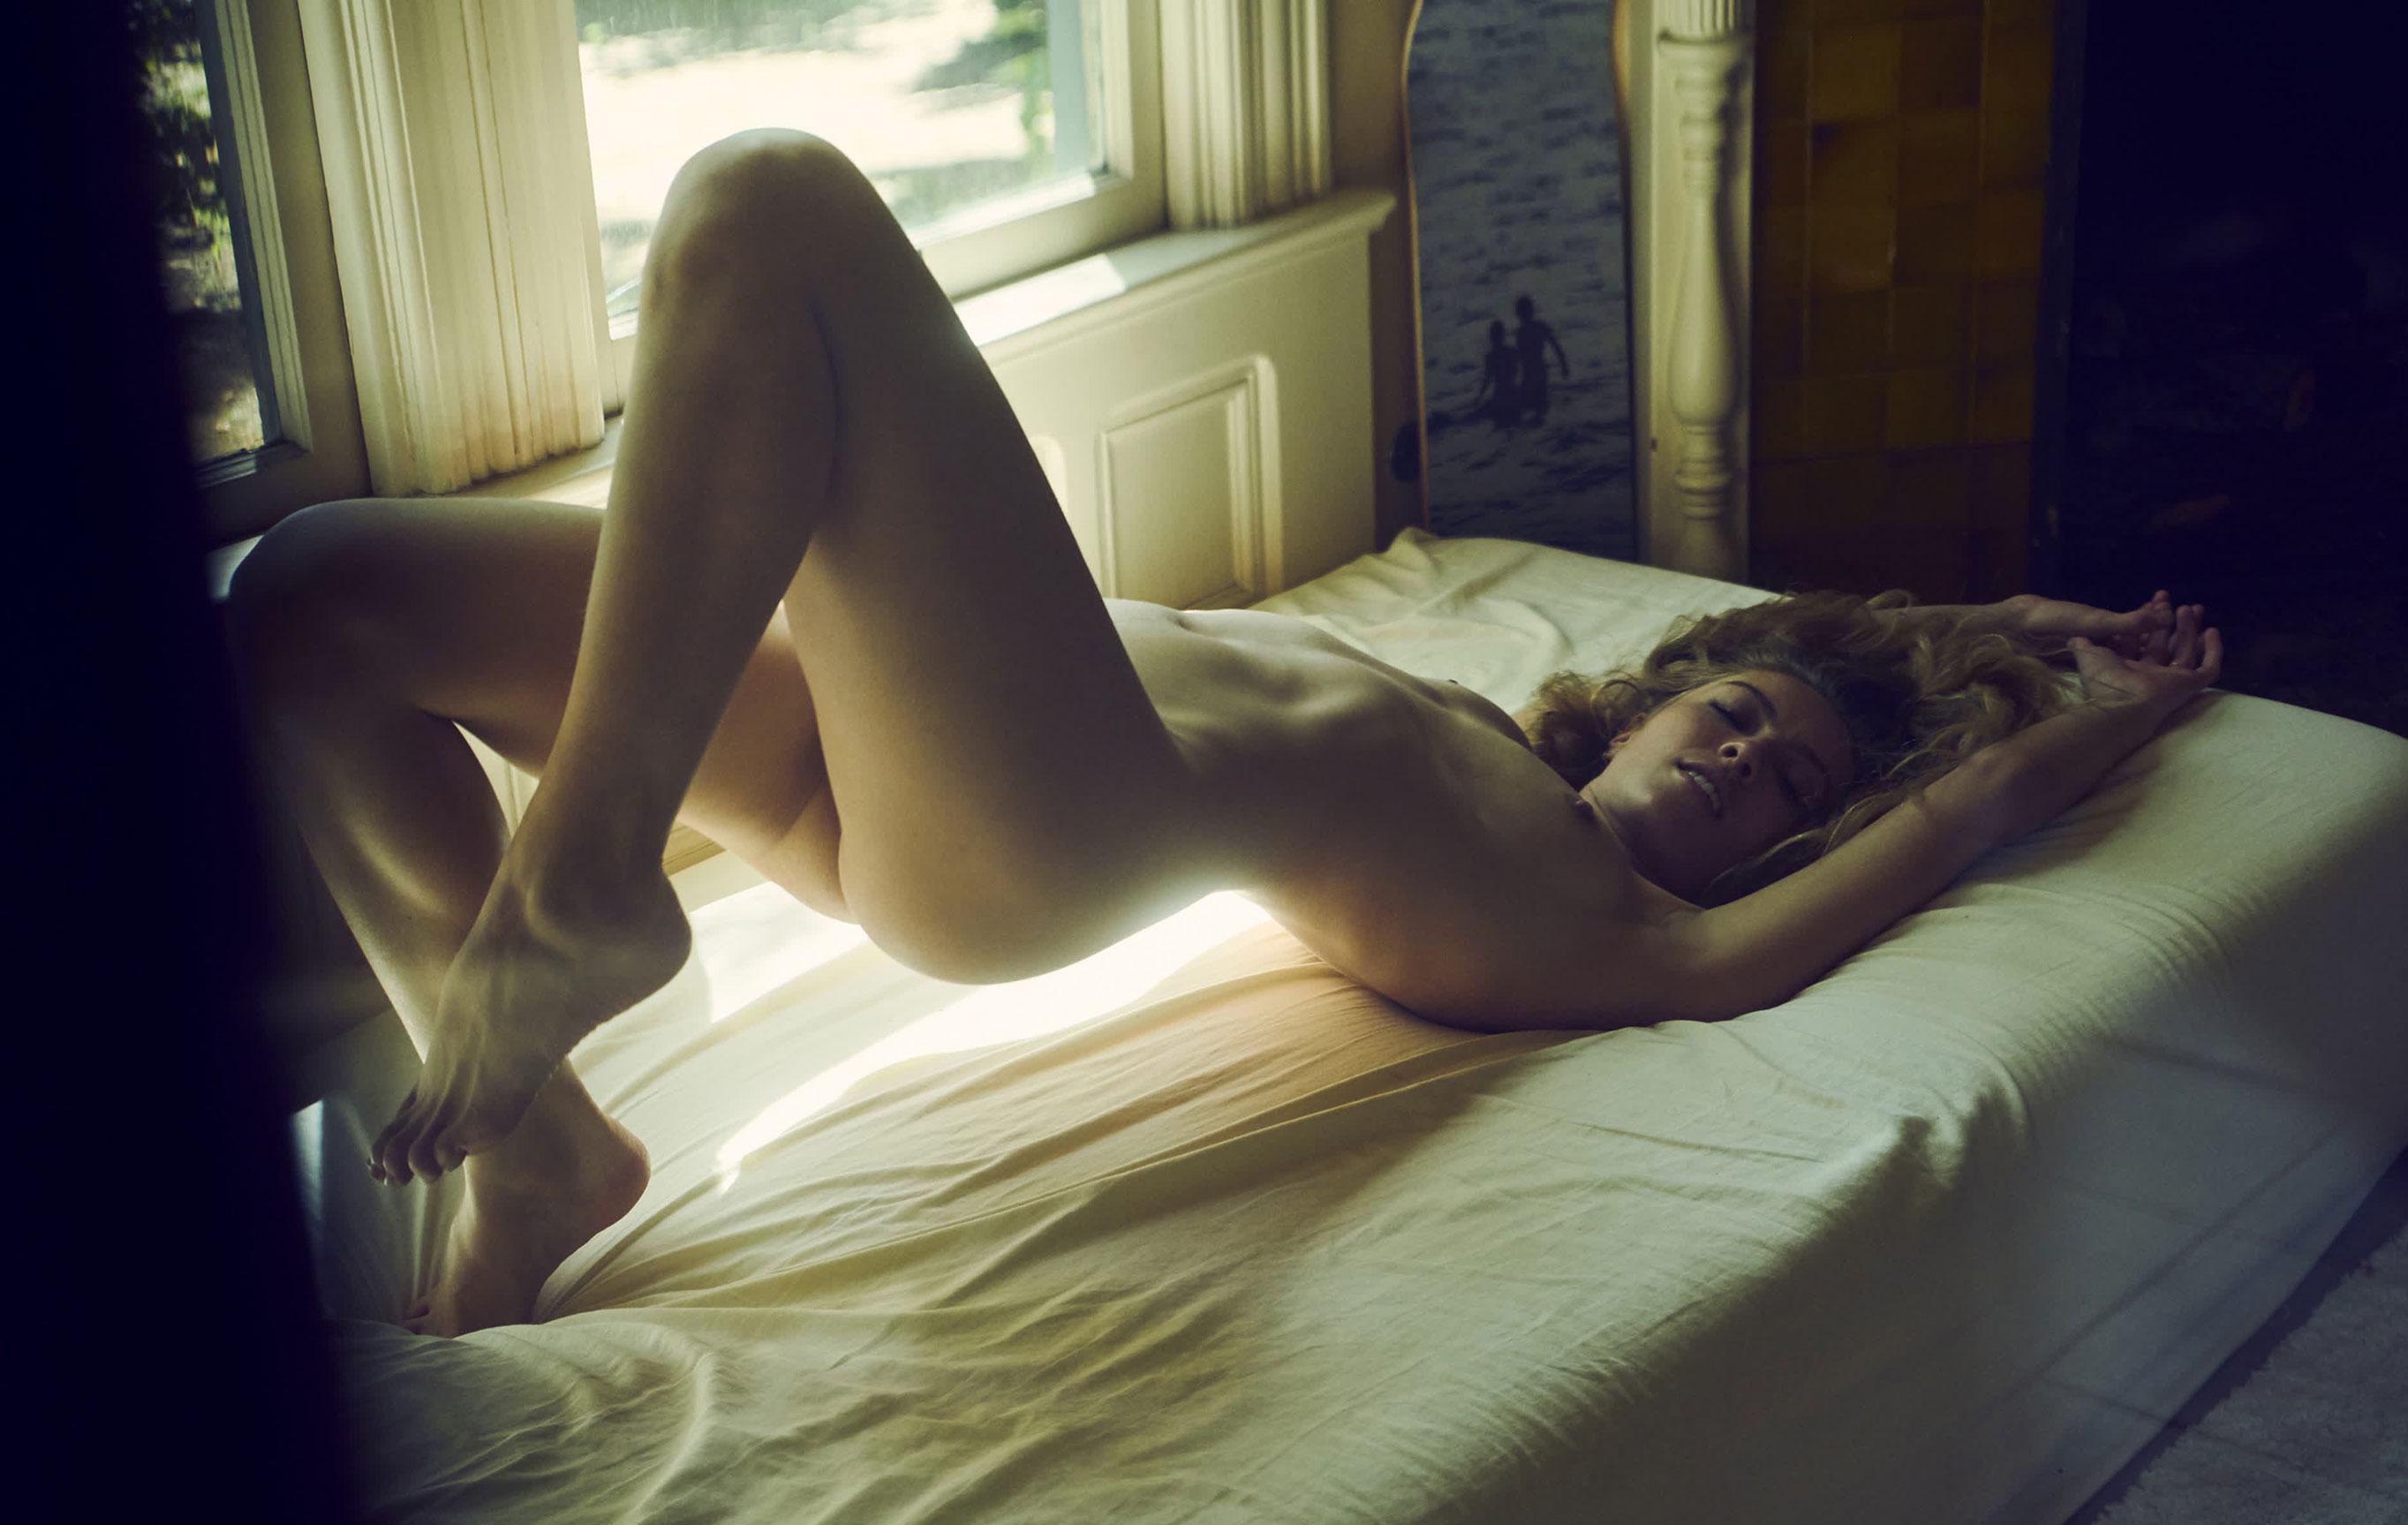 Leila Spilman nude by Stefan Rappo